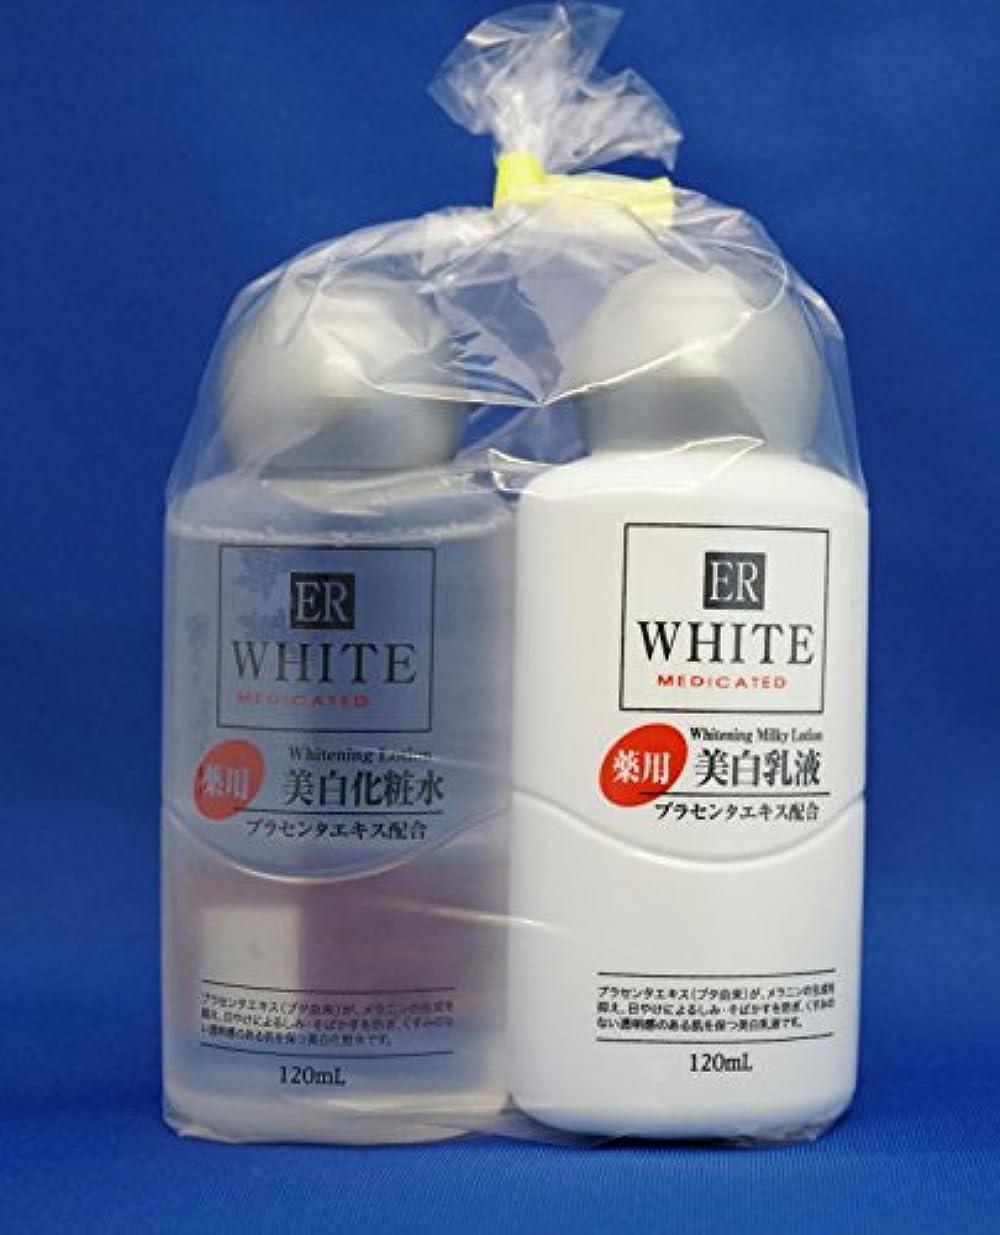 競争南アメリカ完璧な2個セット ダイソー ER コスモ ホワイトニング ミルクV(薬用美白乳液) と ER ホワイトニングローションV(薬用美白化粧水)